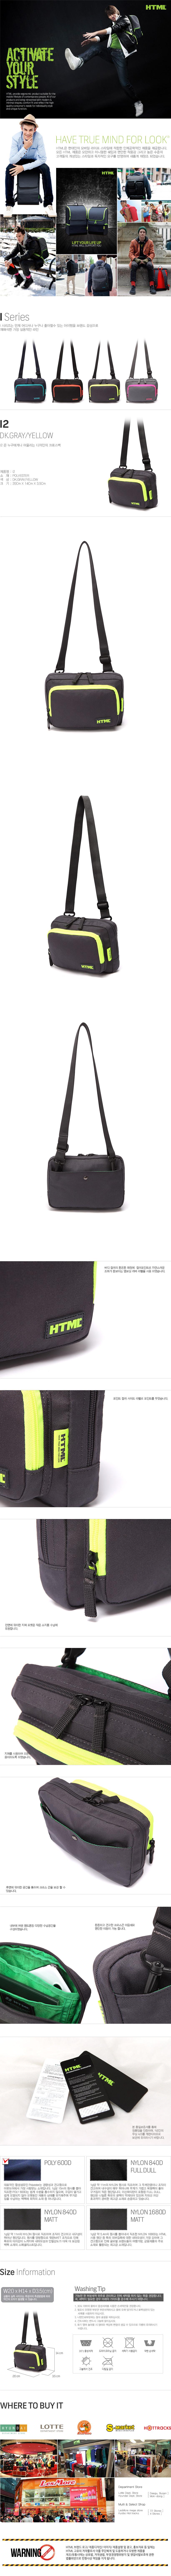 [에이치티엠엘]HTML- I2 Crossbag (DK.GRAY/YELLOW)